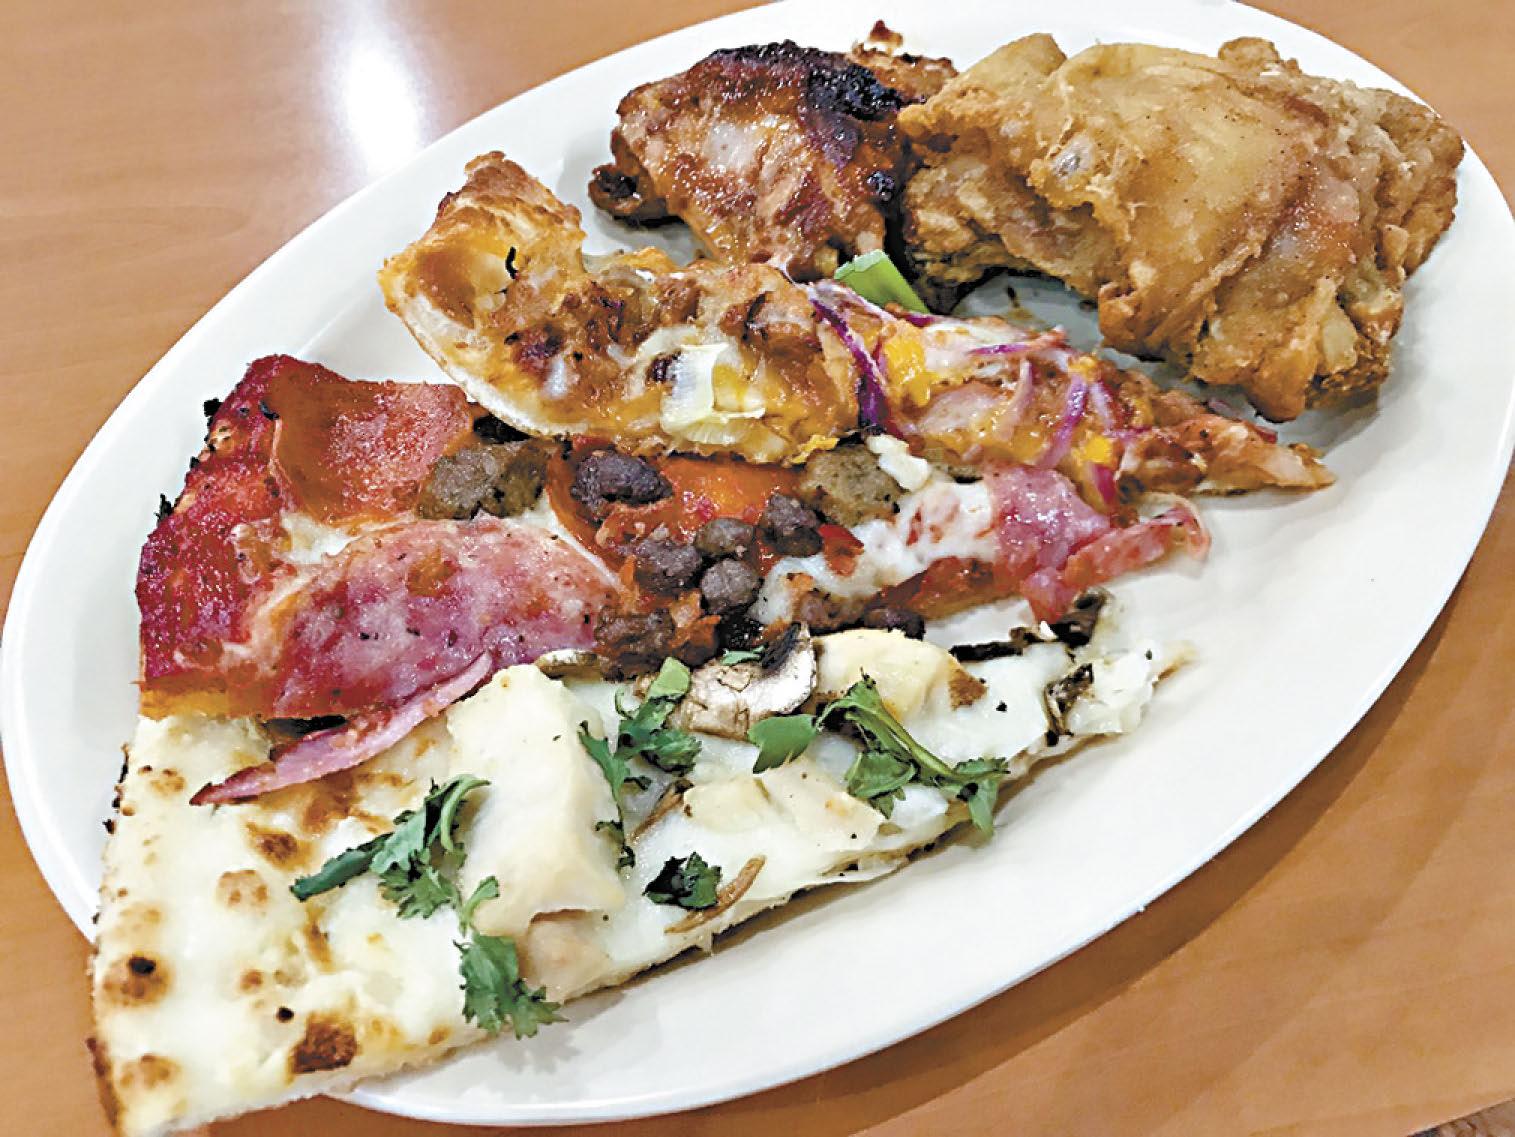 白醬雞肉、紅醬煙燻香腸、夏威夷風烤肉等,能夠把這裡各種招牌口味的披薩聚齊在同一個盤子中,又不用每種口味都叫上一整片披薩,這只有在午餐時段的吃到飽自助餐才有的好事。